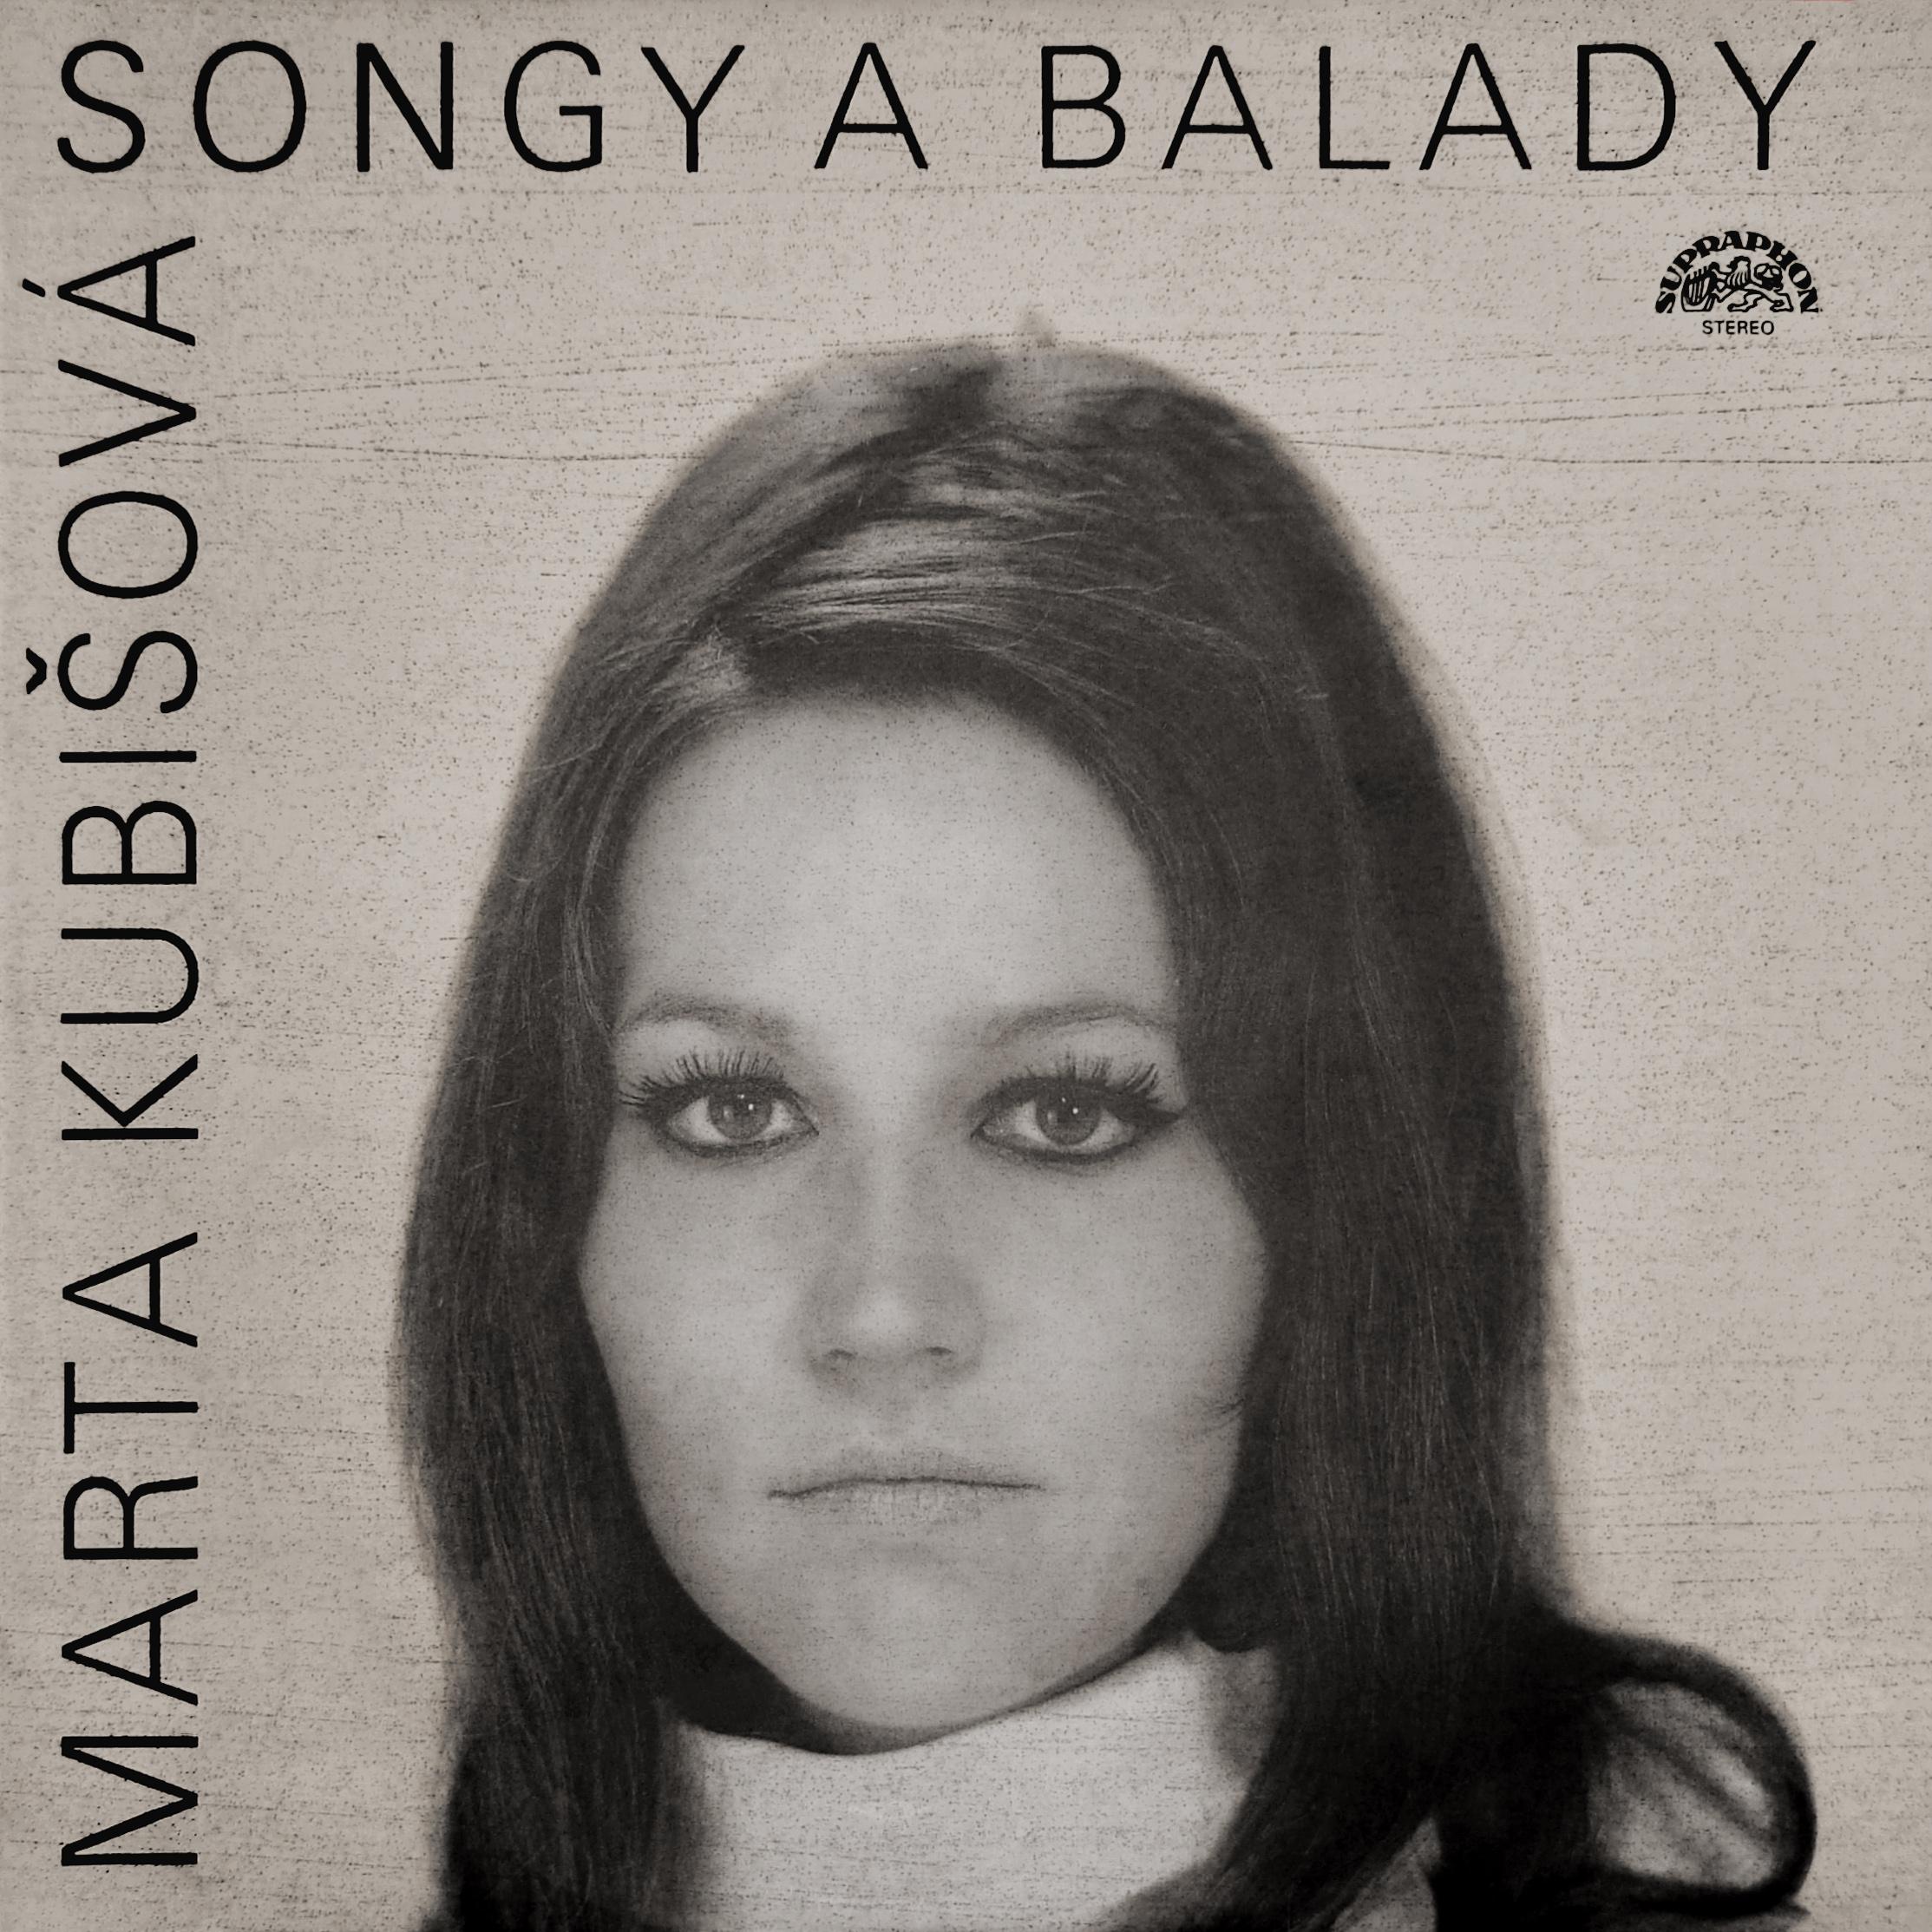 Album Artist: Marta Kubišová / Album Title: Songy a balady